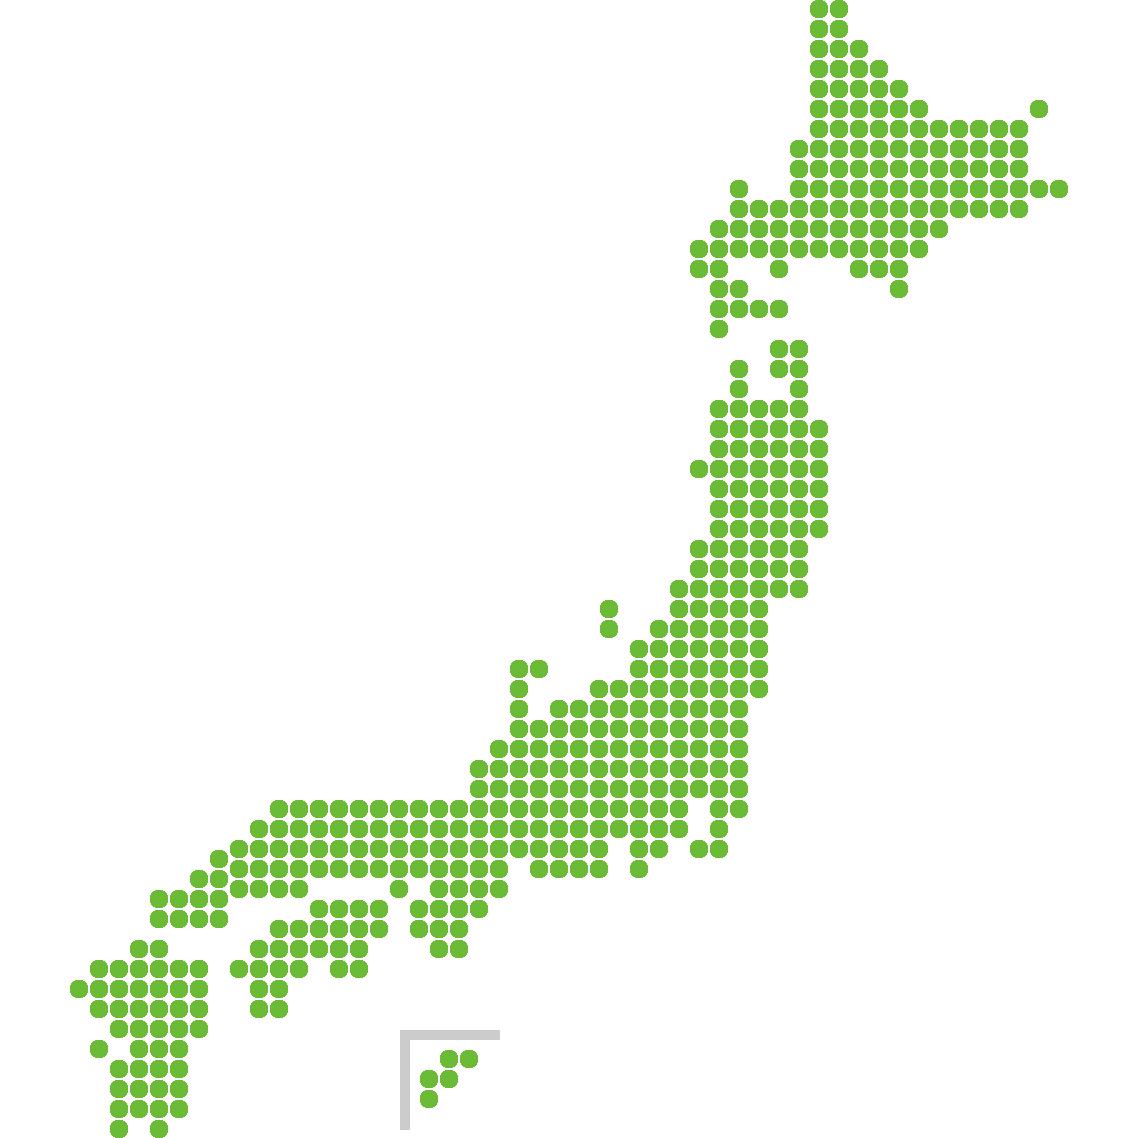 日本地図のイラスト(ドット)